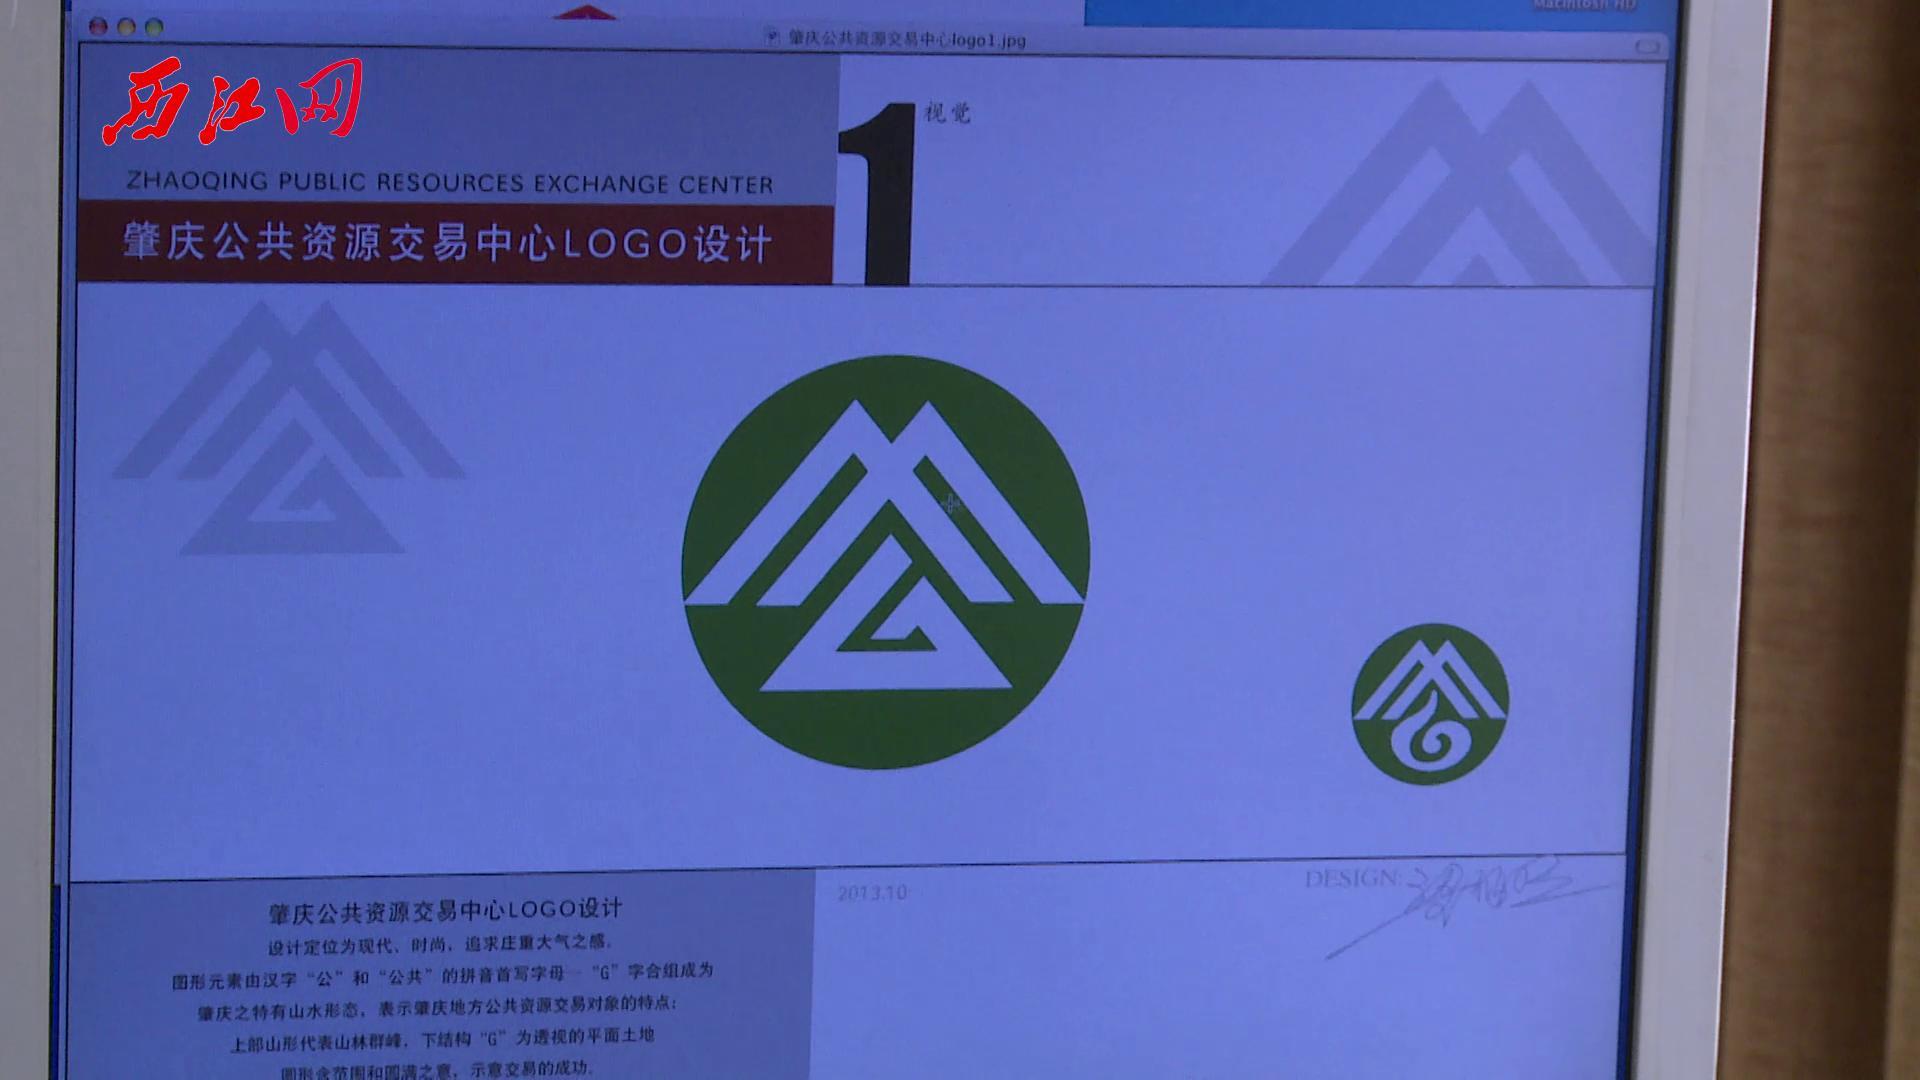 让会徽传播肇庆的独特风情——对话第十五届省运会会徽设计者梁锡明先生